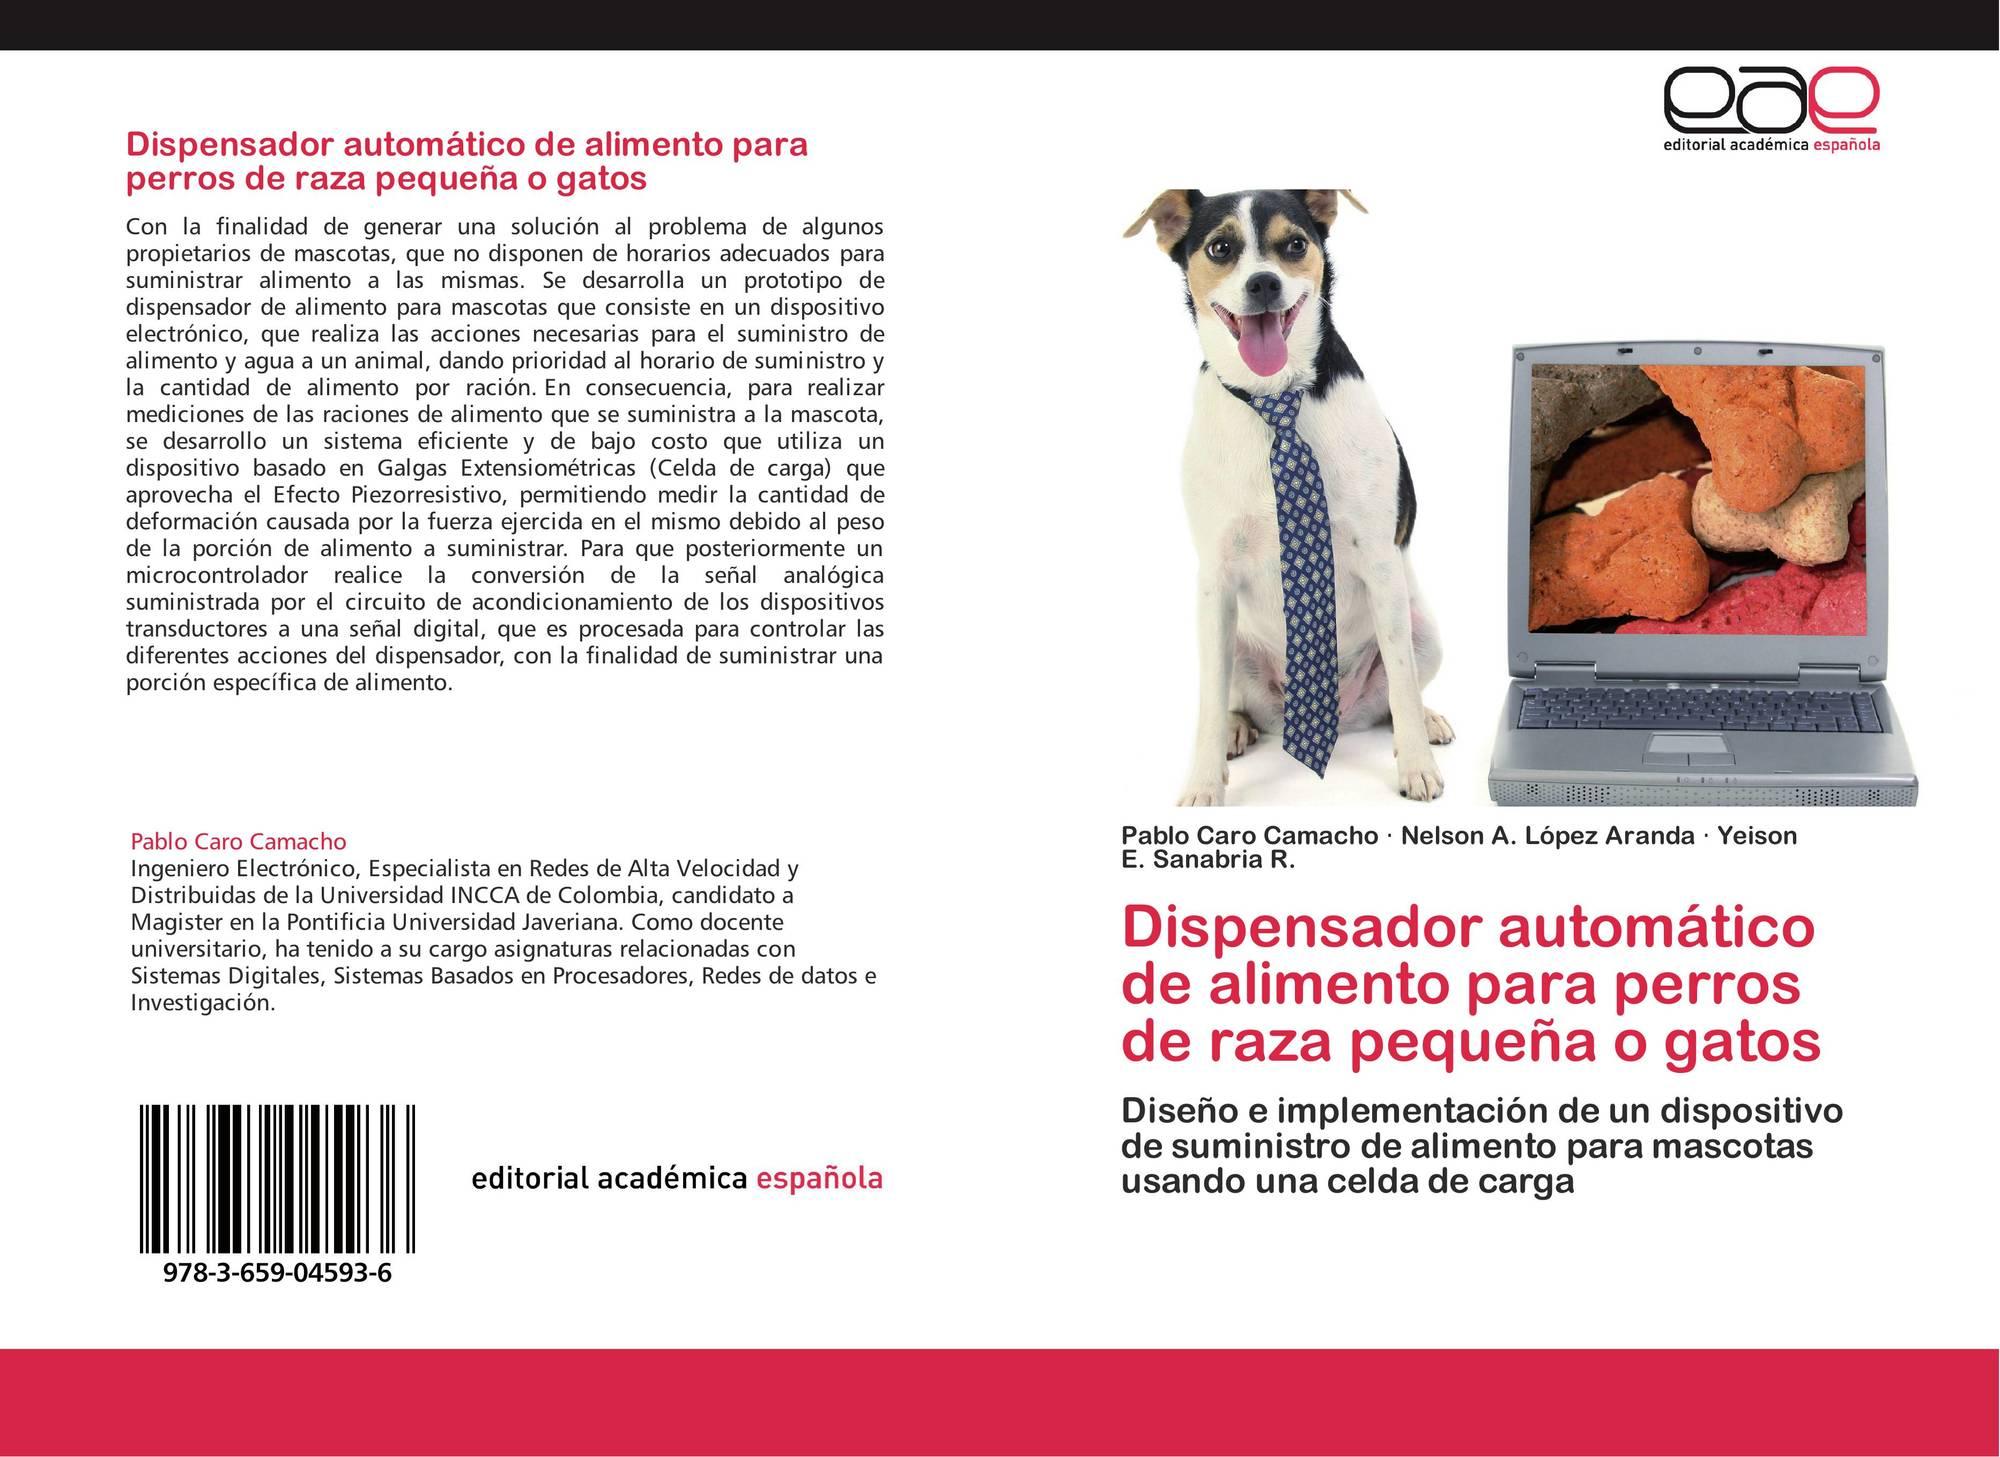 Dispensador autom tico de alimento para perros de raza for Dispensador de comida para perros